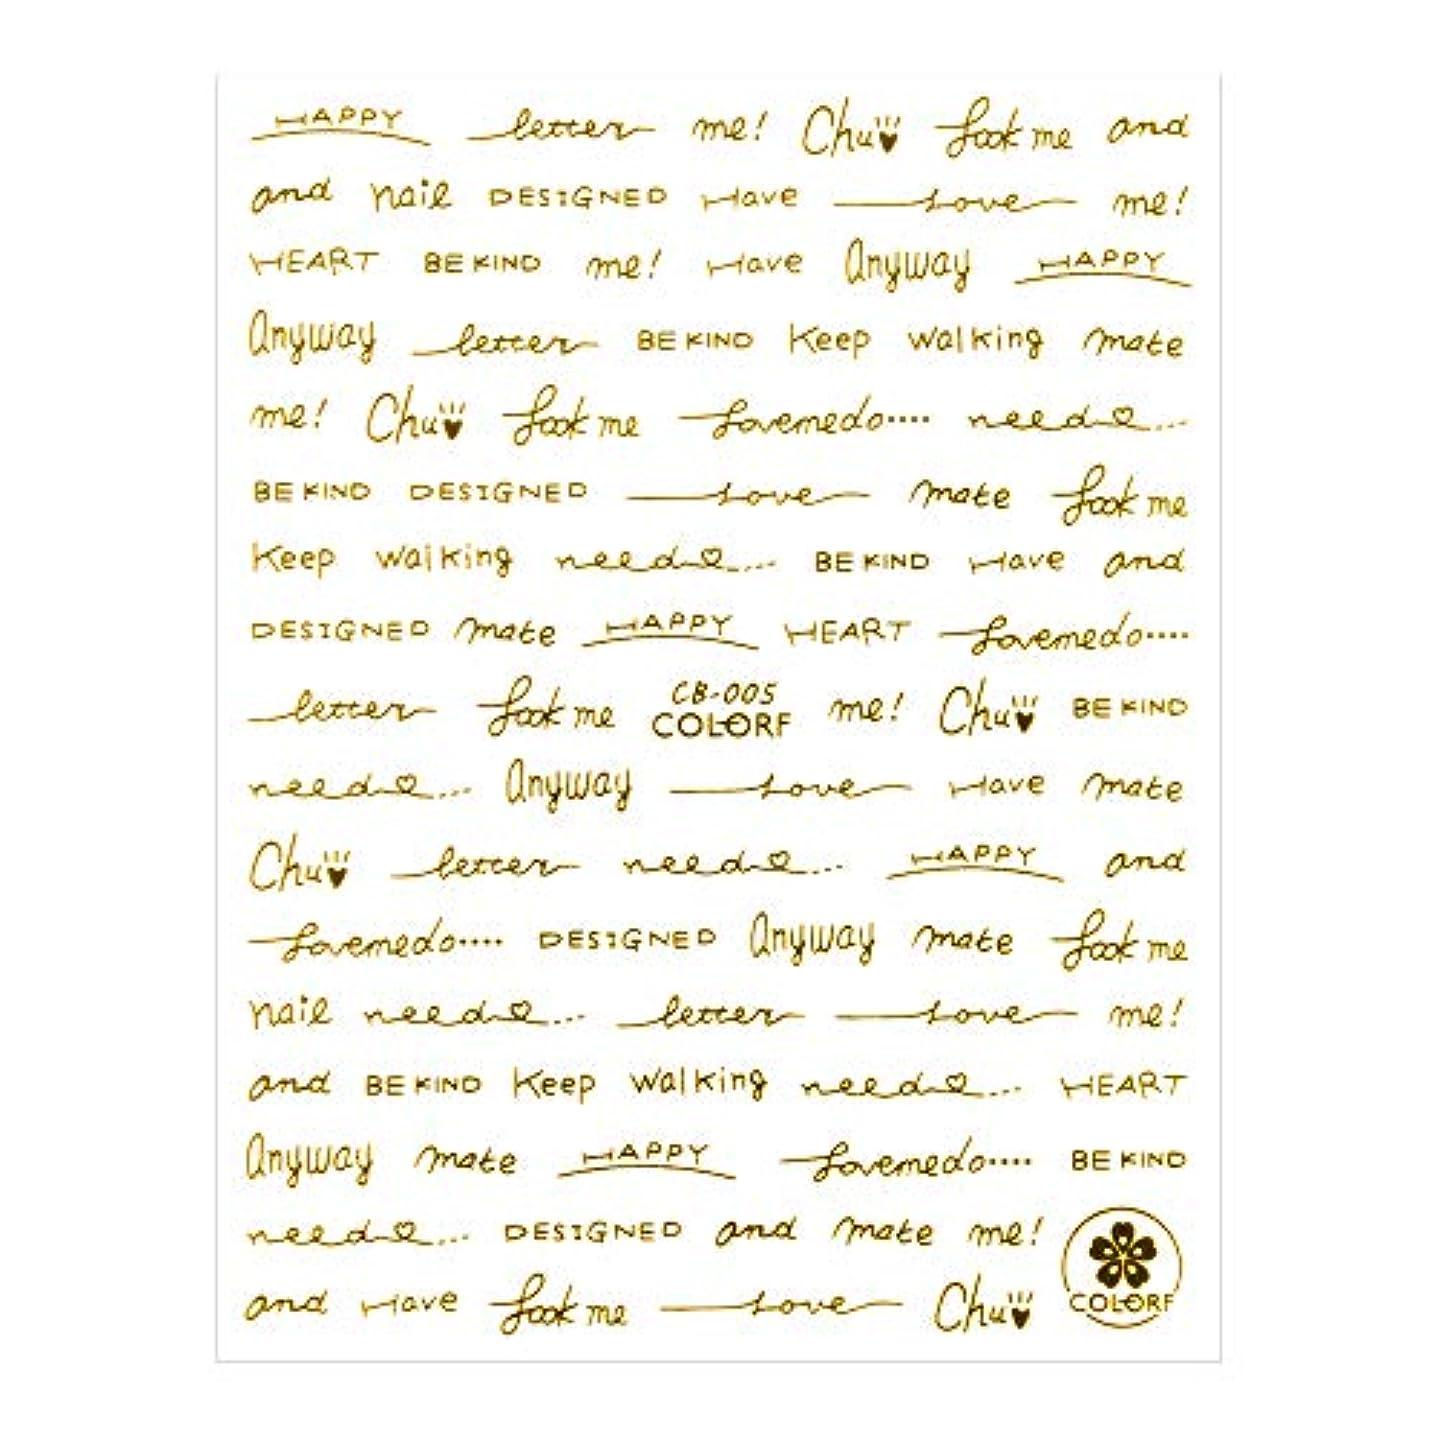 推進レーニン主義アグネスグレイ【CB-005】 キュート文字シール 【ゴールド】ネイルシール